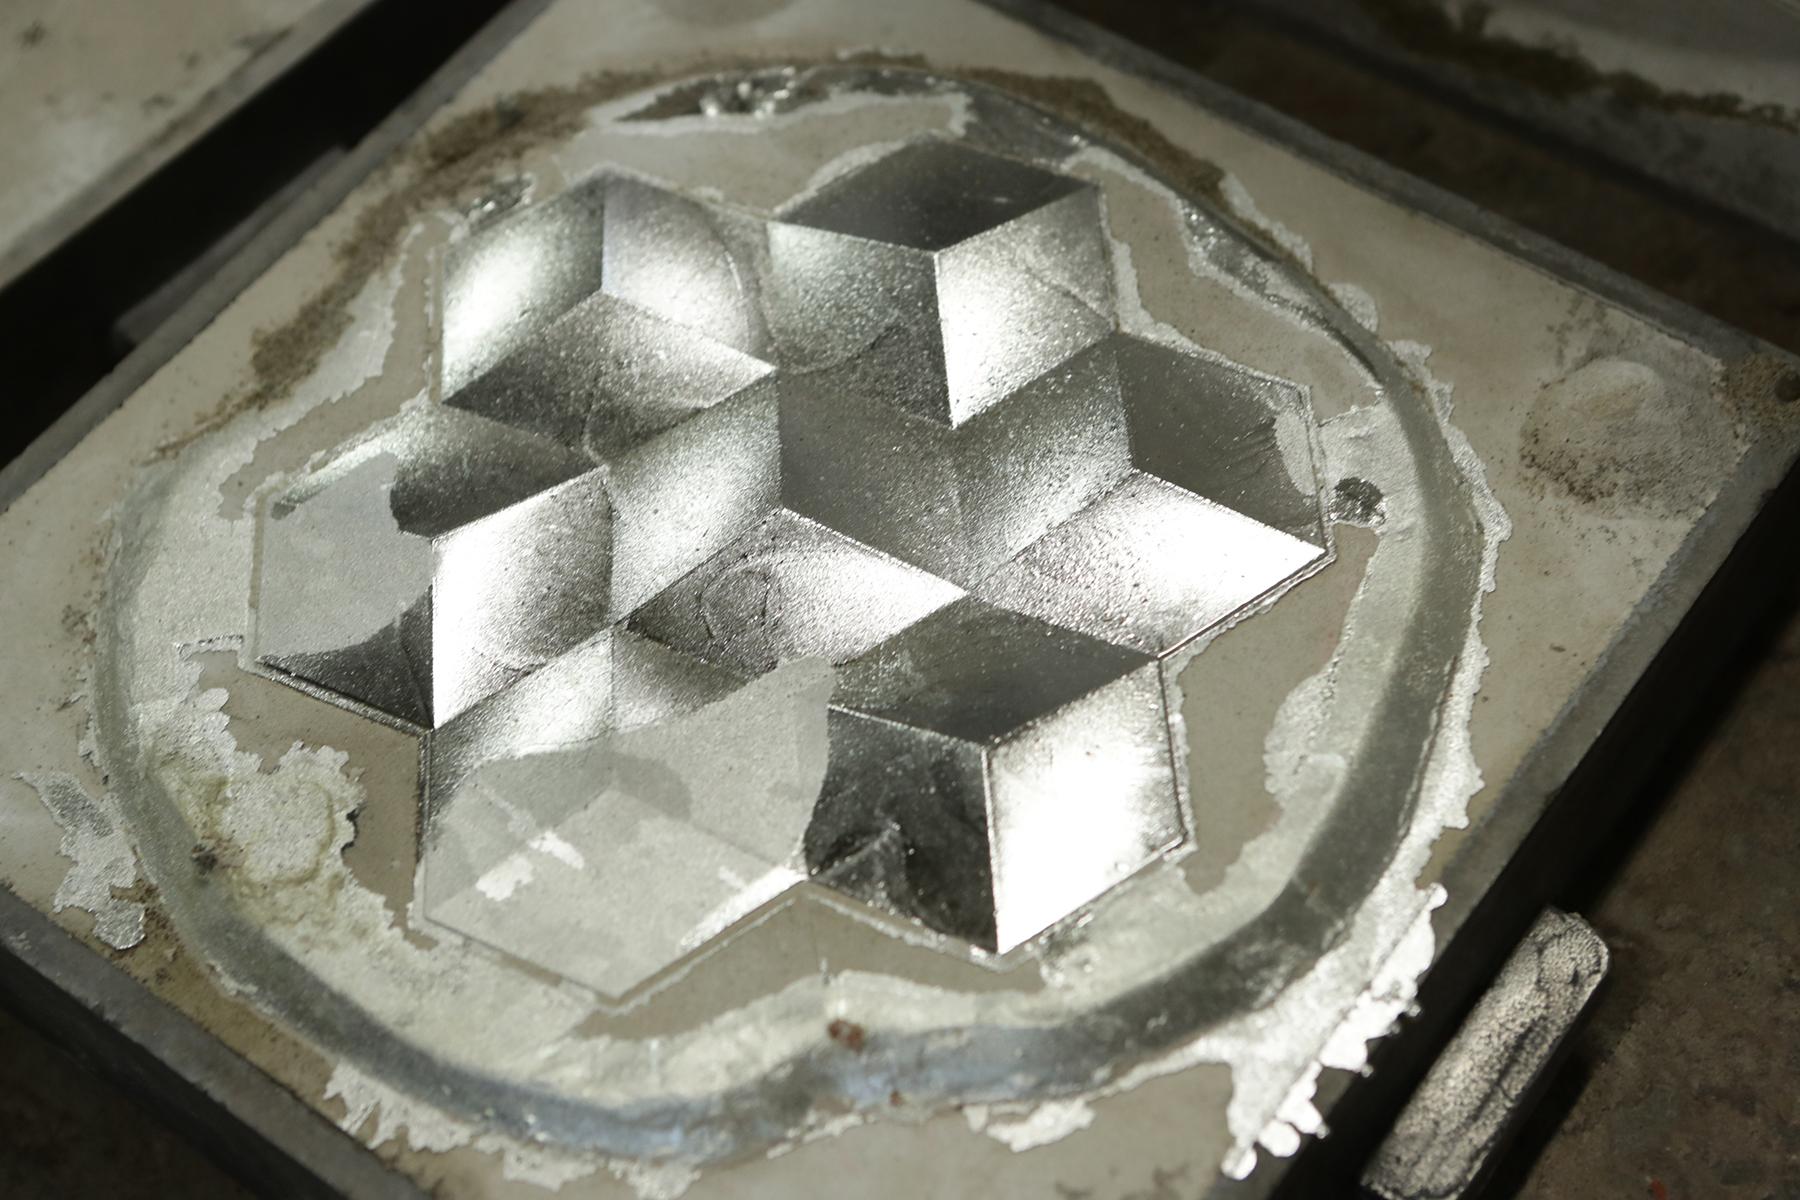 取出的Snowflakes試做粗胚。